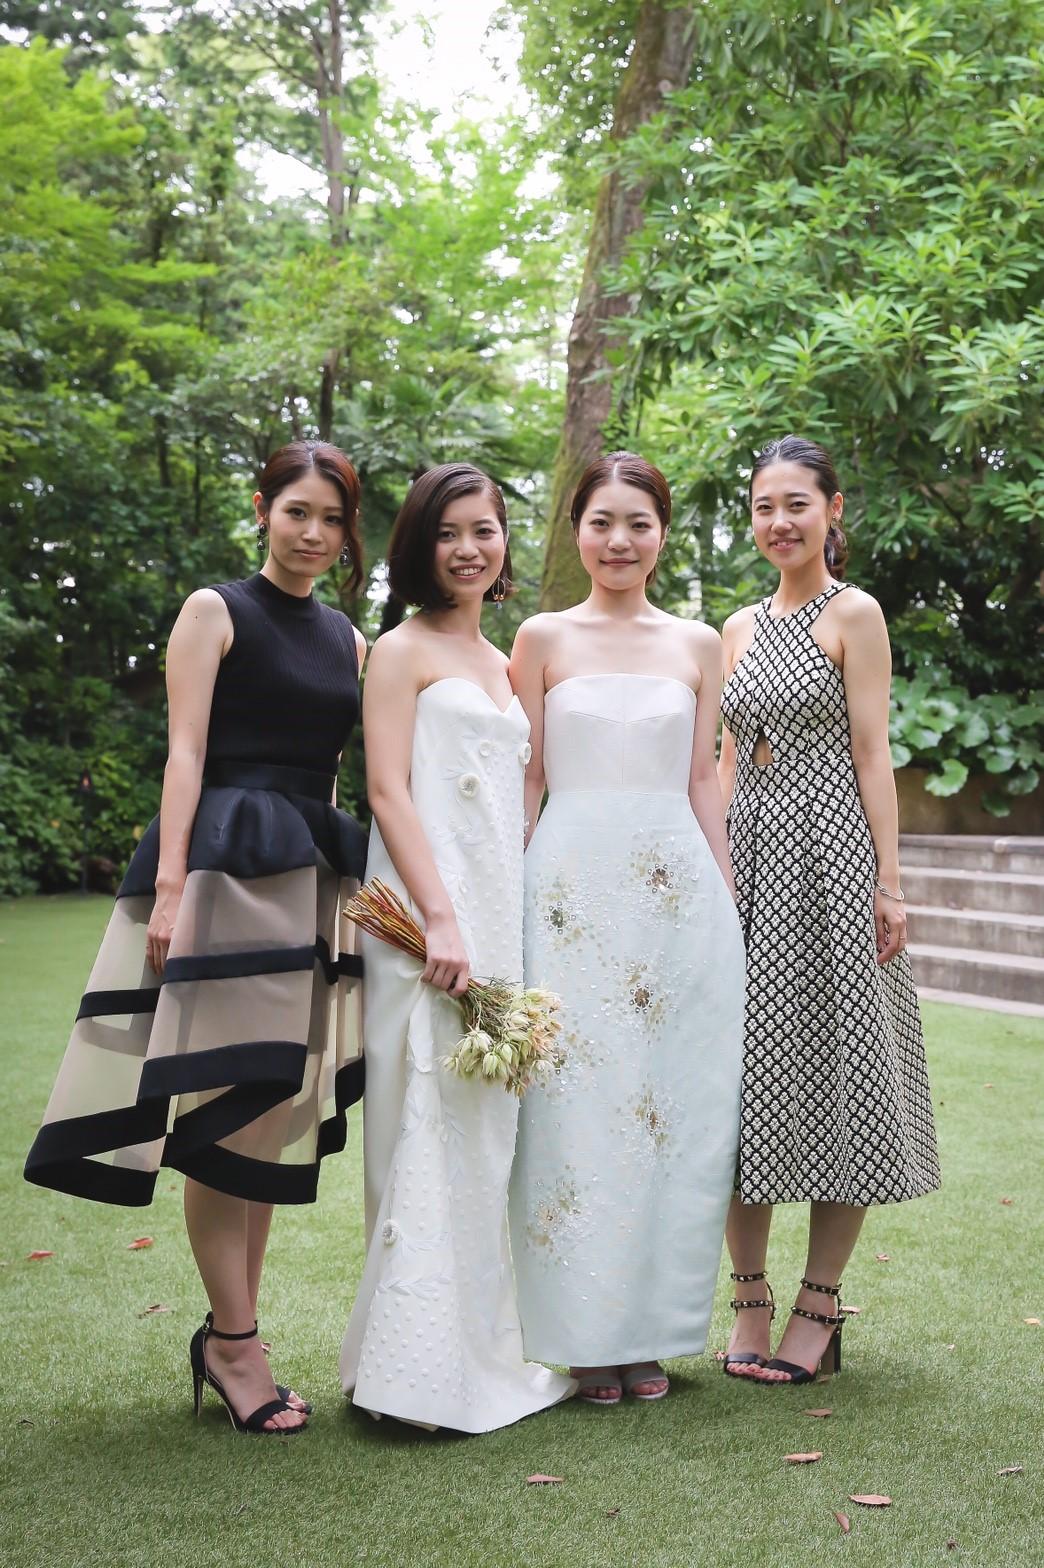 デルポソの2016SSコレクションのドレスを着ている女性達の写真。全てレンタルパーティドレス。